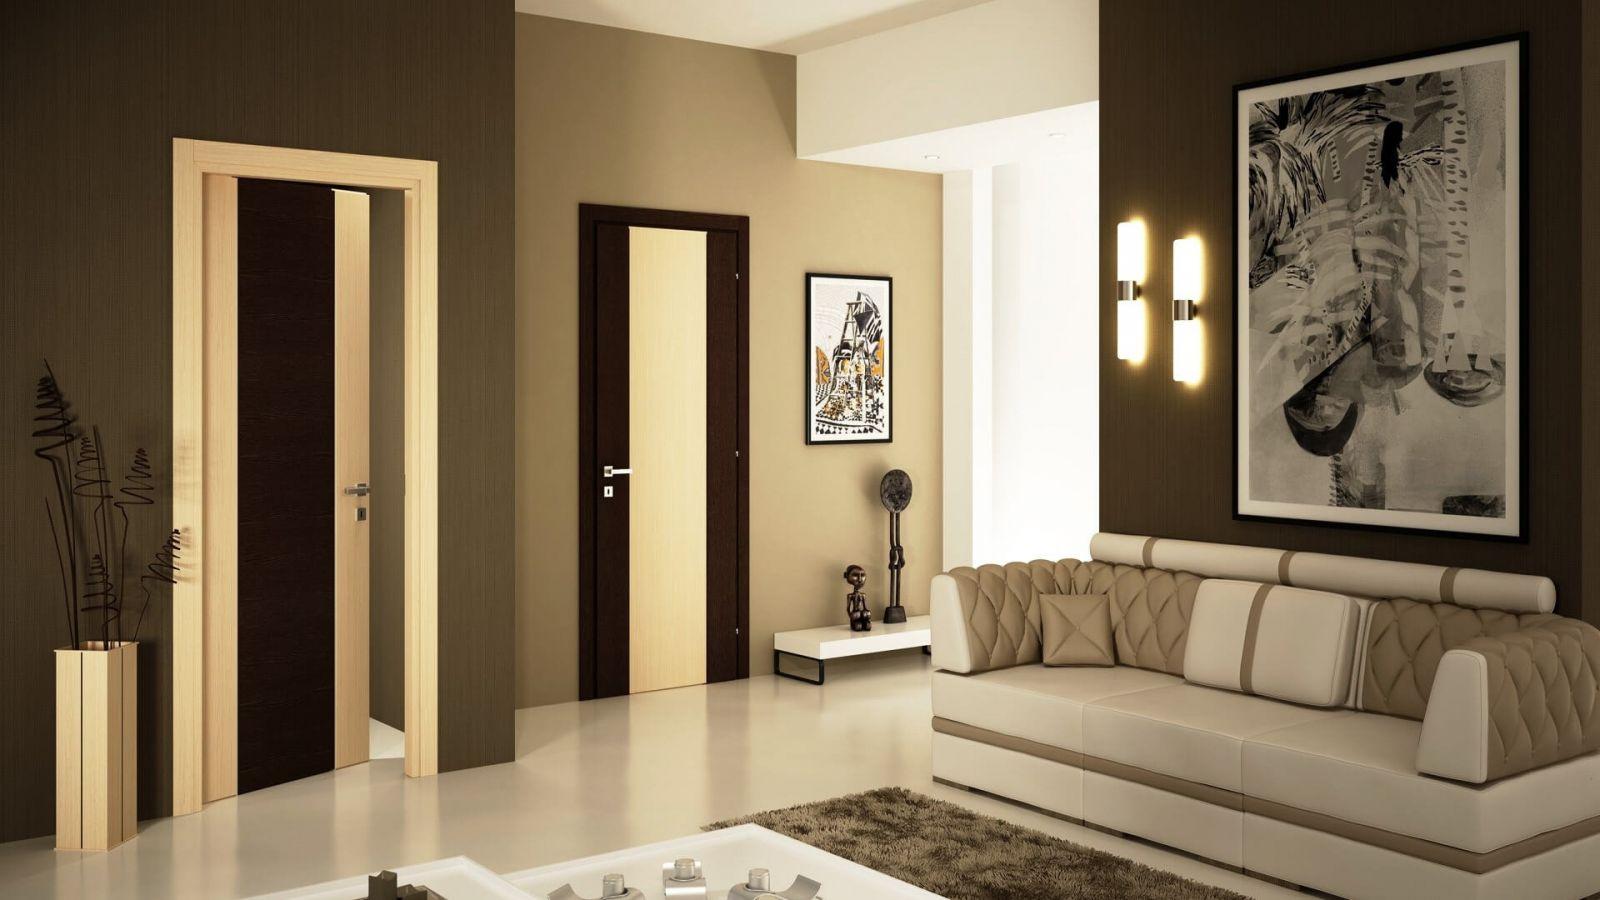 Яркий пример разумного интерьера, когда используются разного цвета стены, более того – разного цвета дверей, для зонирования помещения. Берите в  заметки